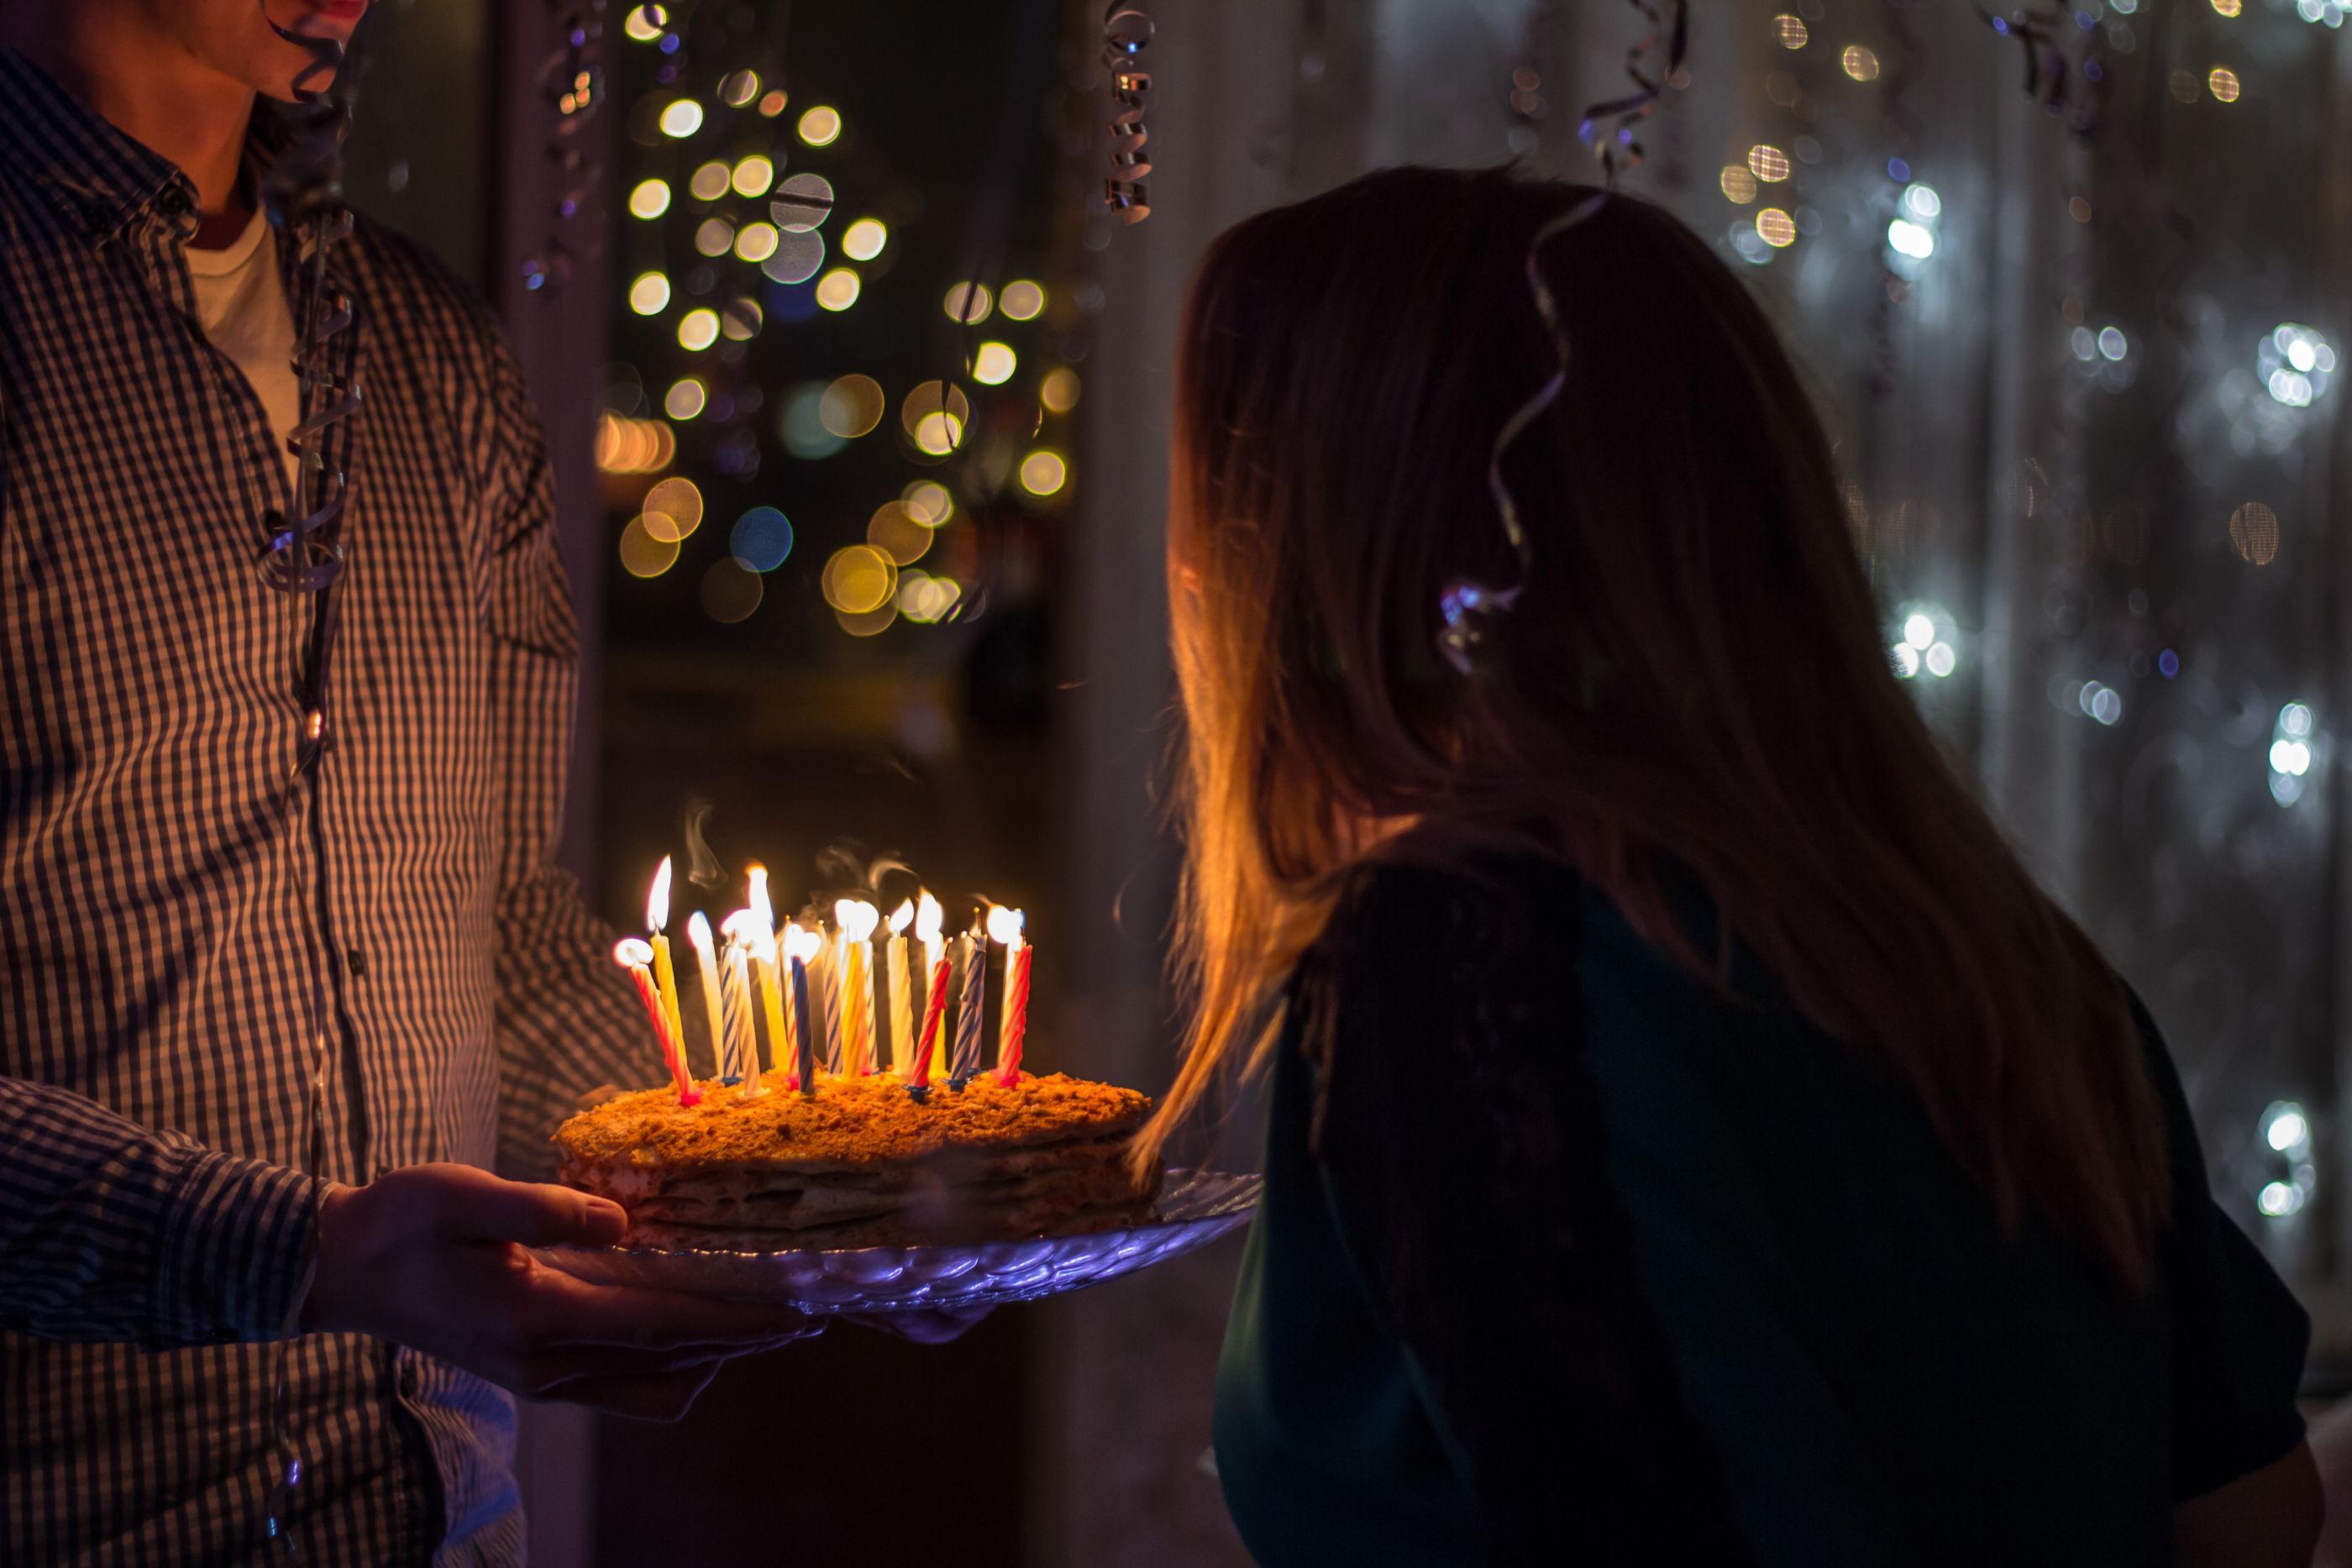 ¿Cumples años en abril? 8 ideas para festejar en casa durante la cuarentena